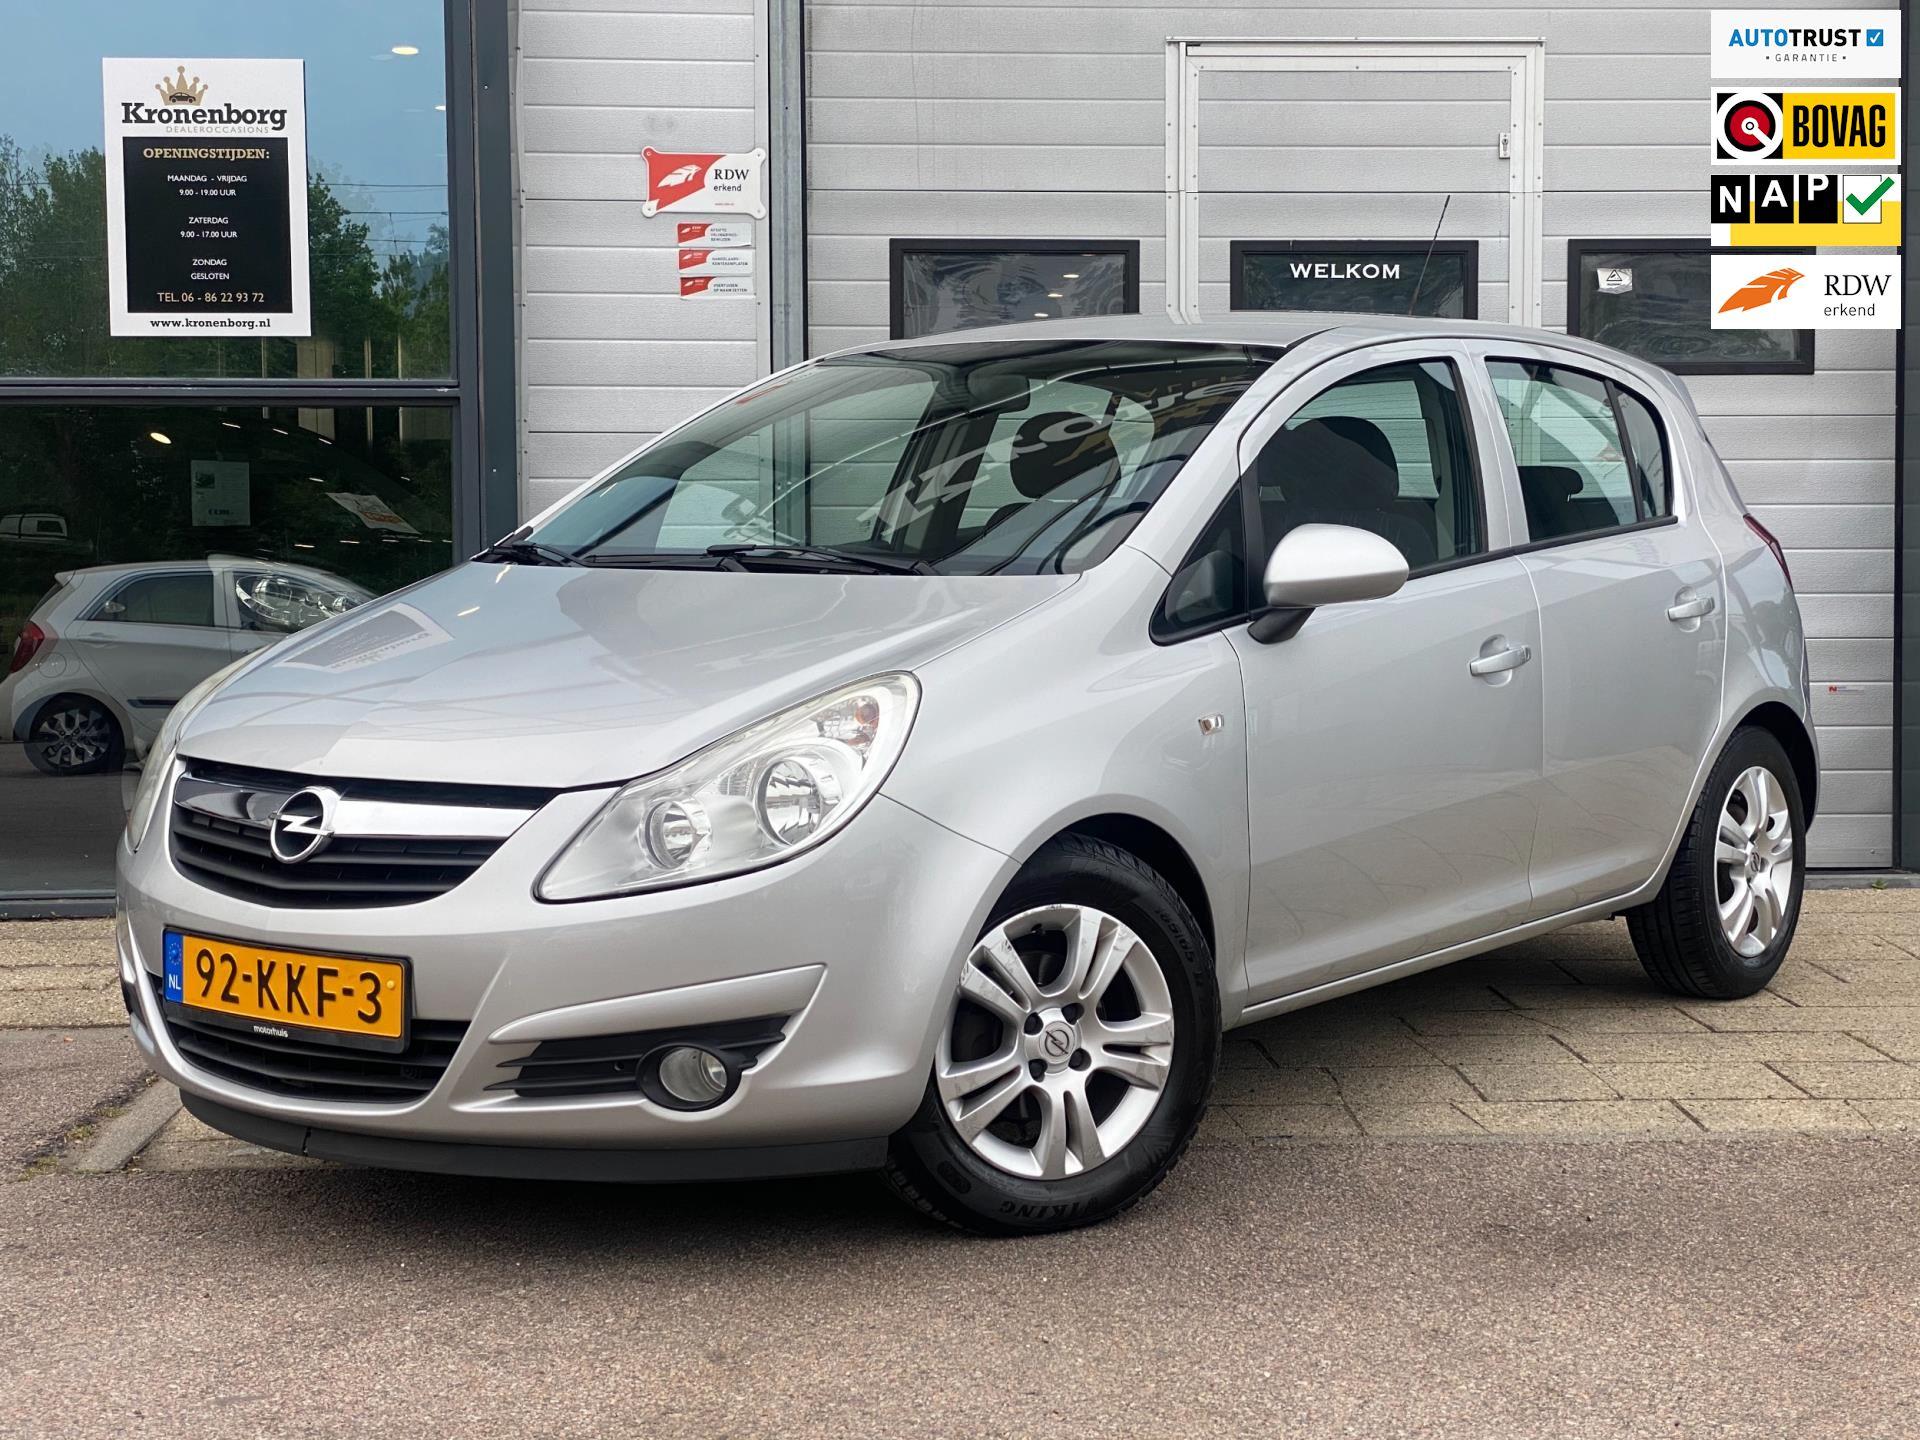 Opel Corsa occasion - Kronenborg